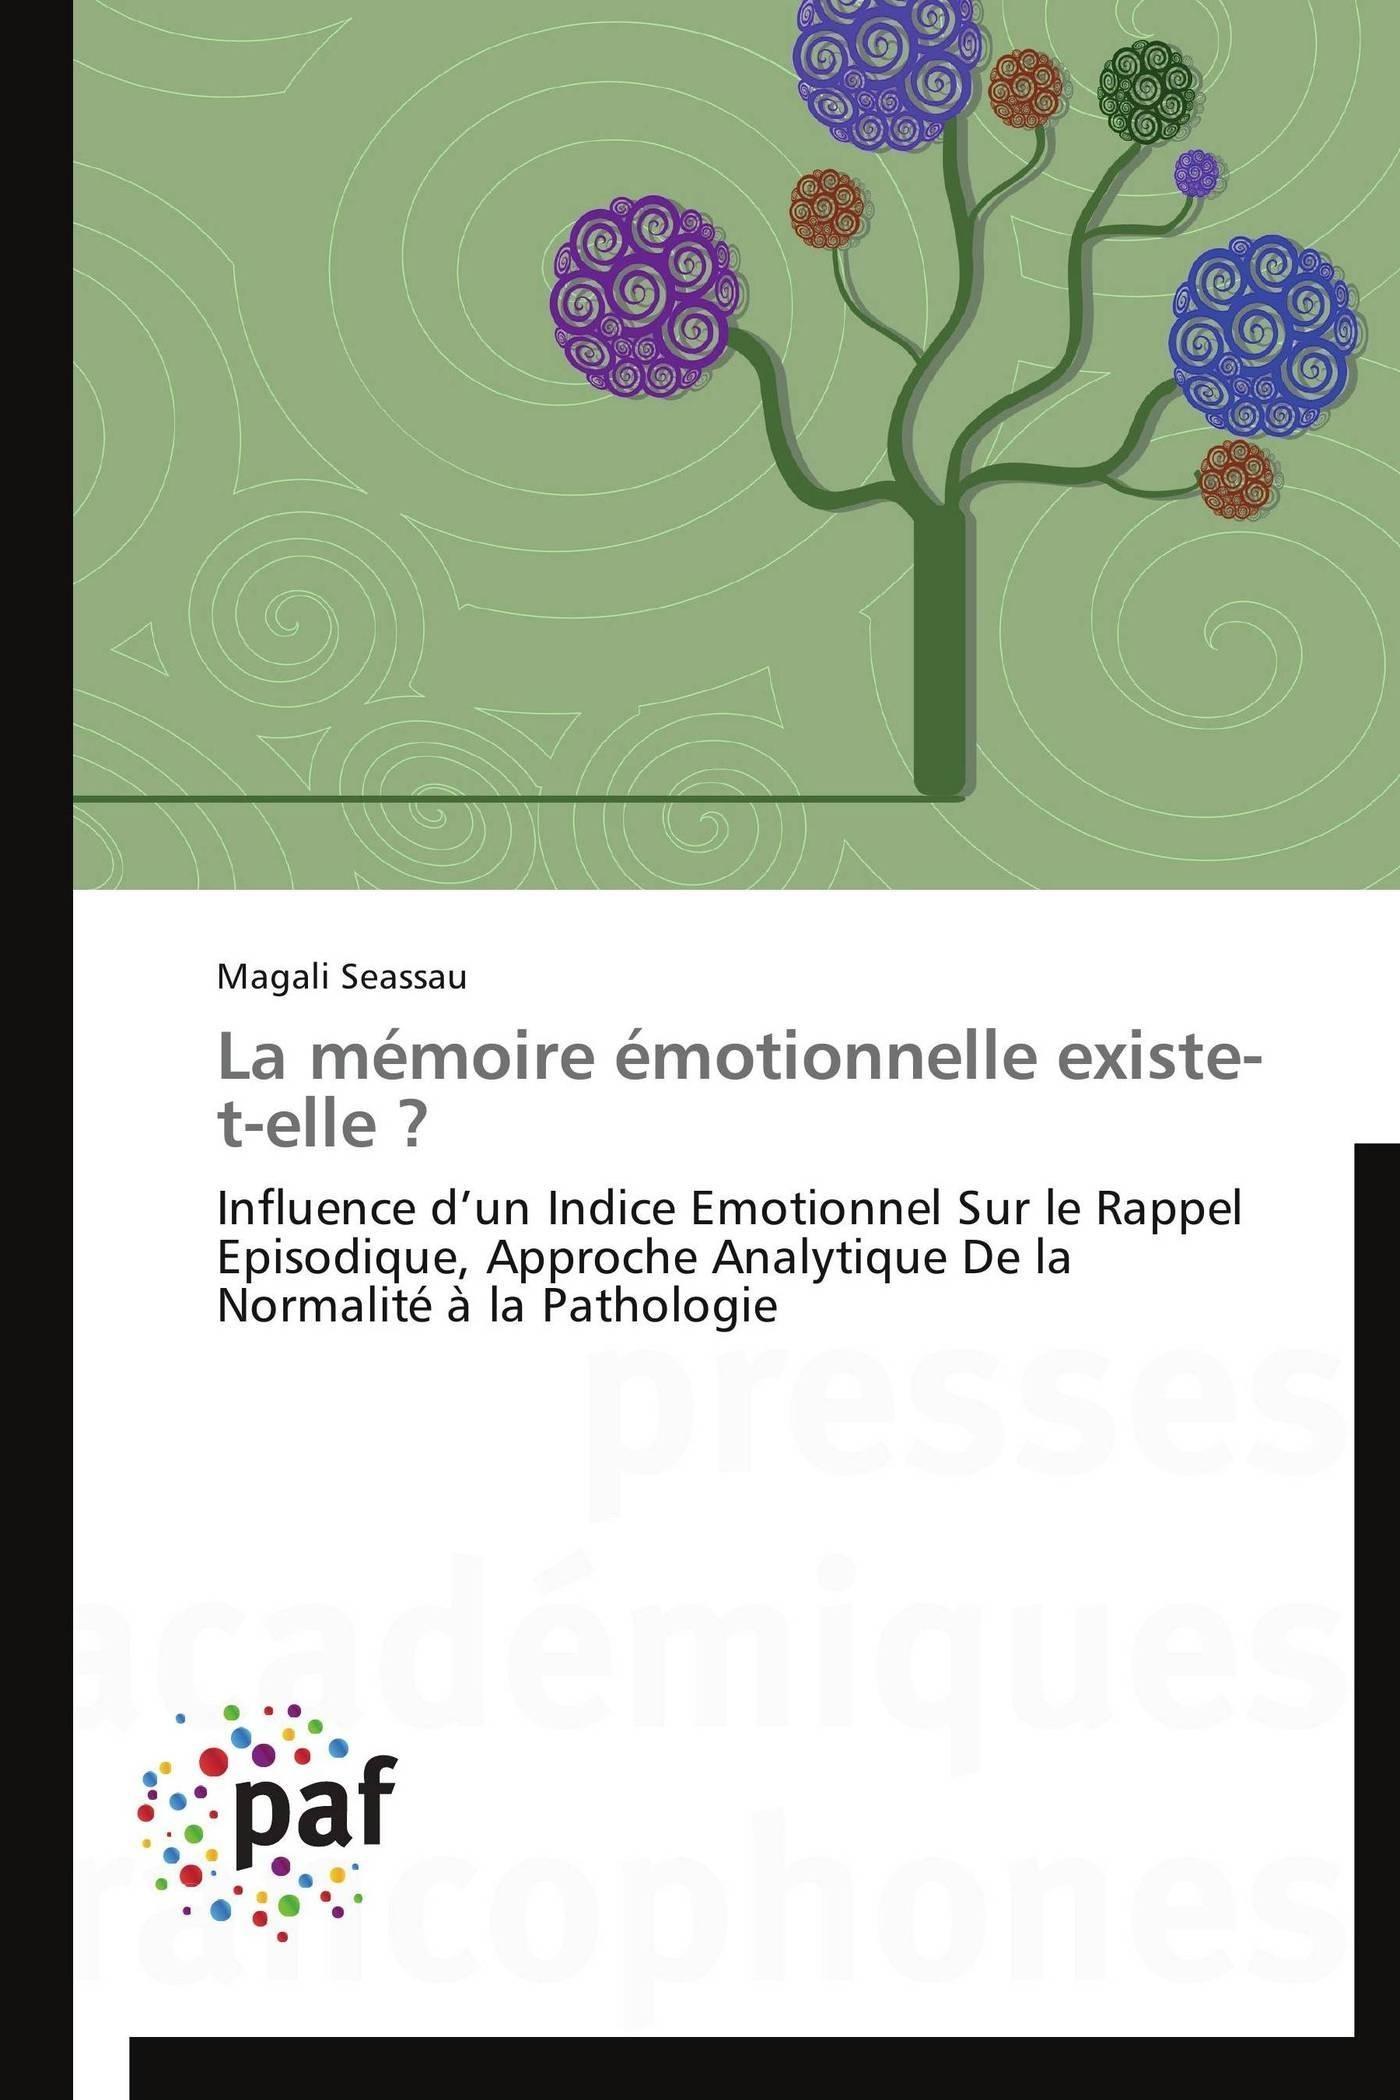 LA MEMOIRE EMOTIONNELLE EXISTE-T-ELLE ?